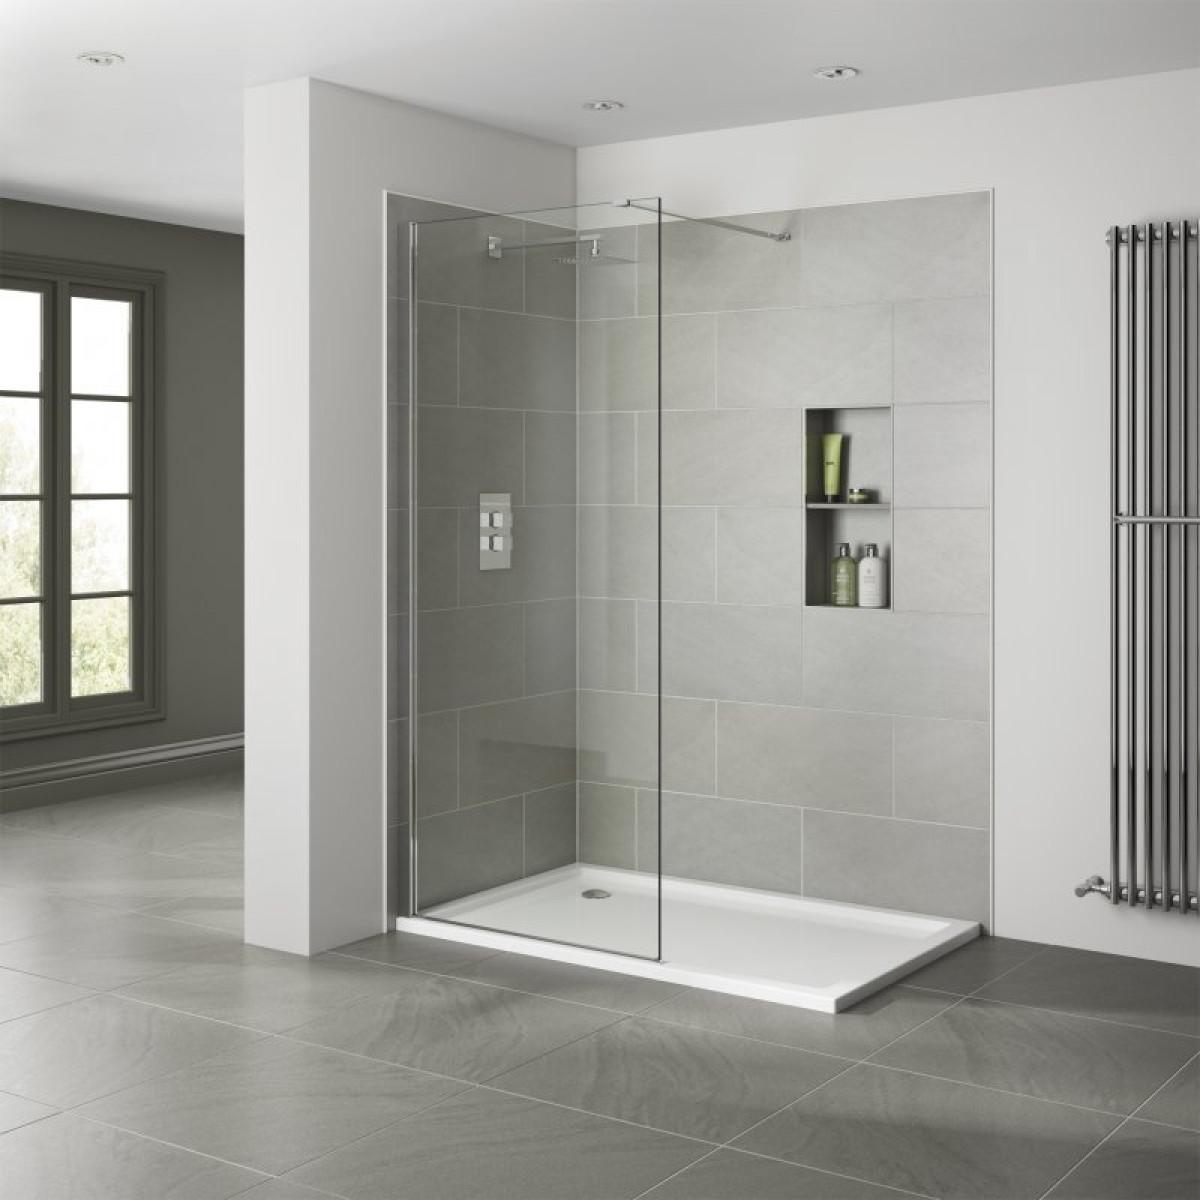 April prestige 1200mm wetroom panel ap8416s for Wet room shower screen 400mm